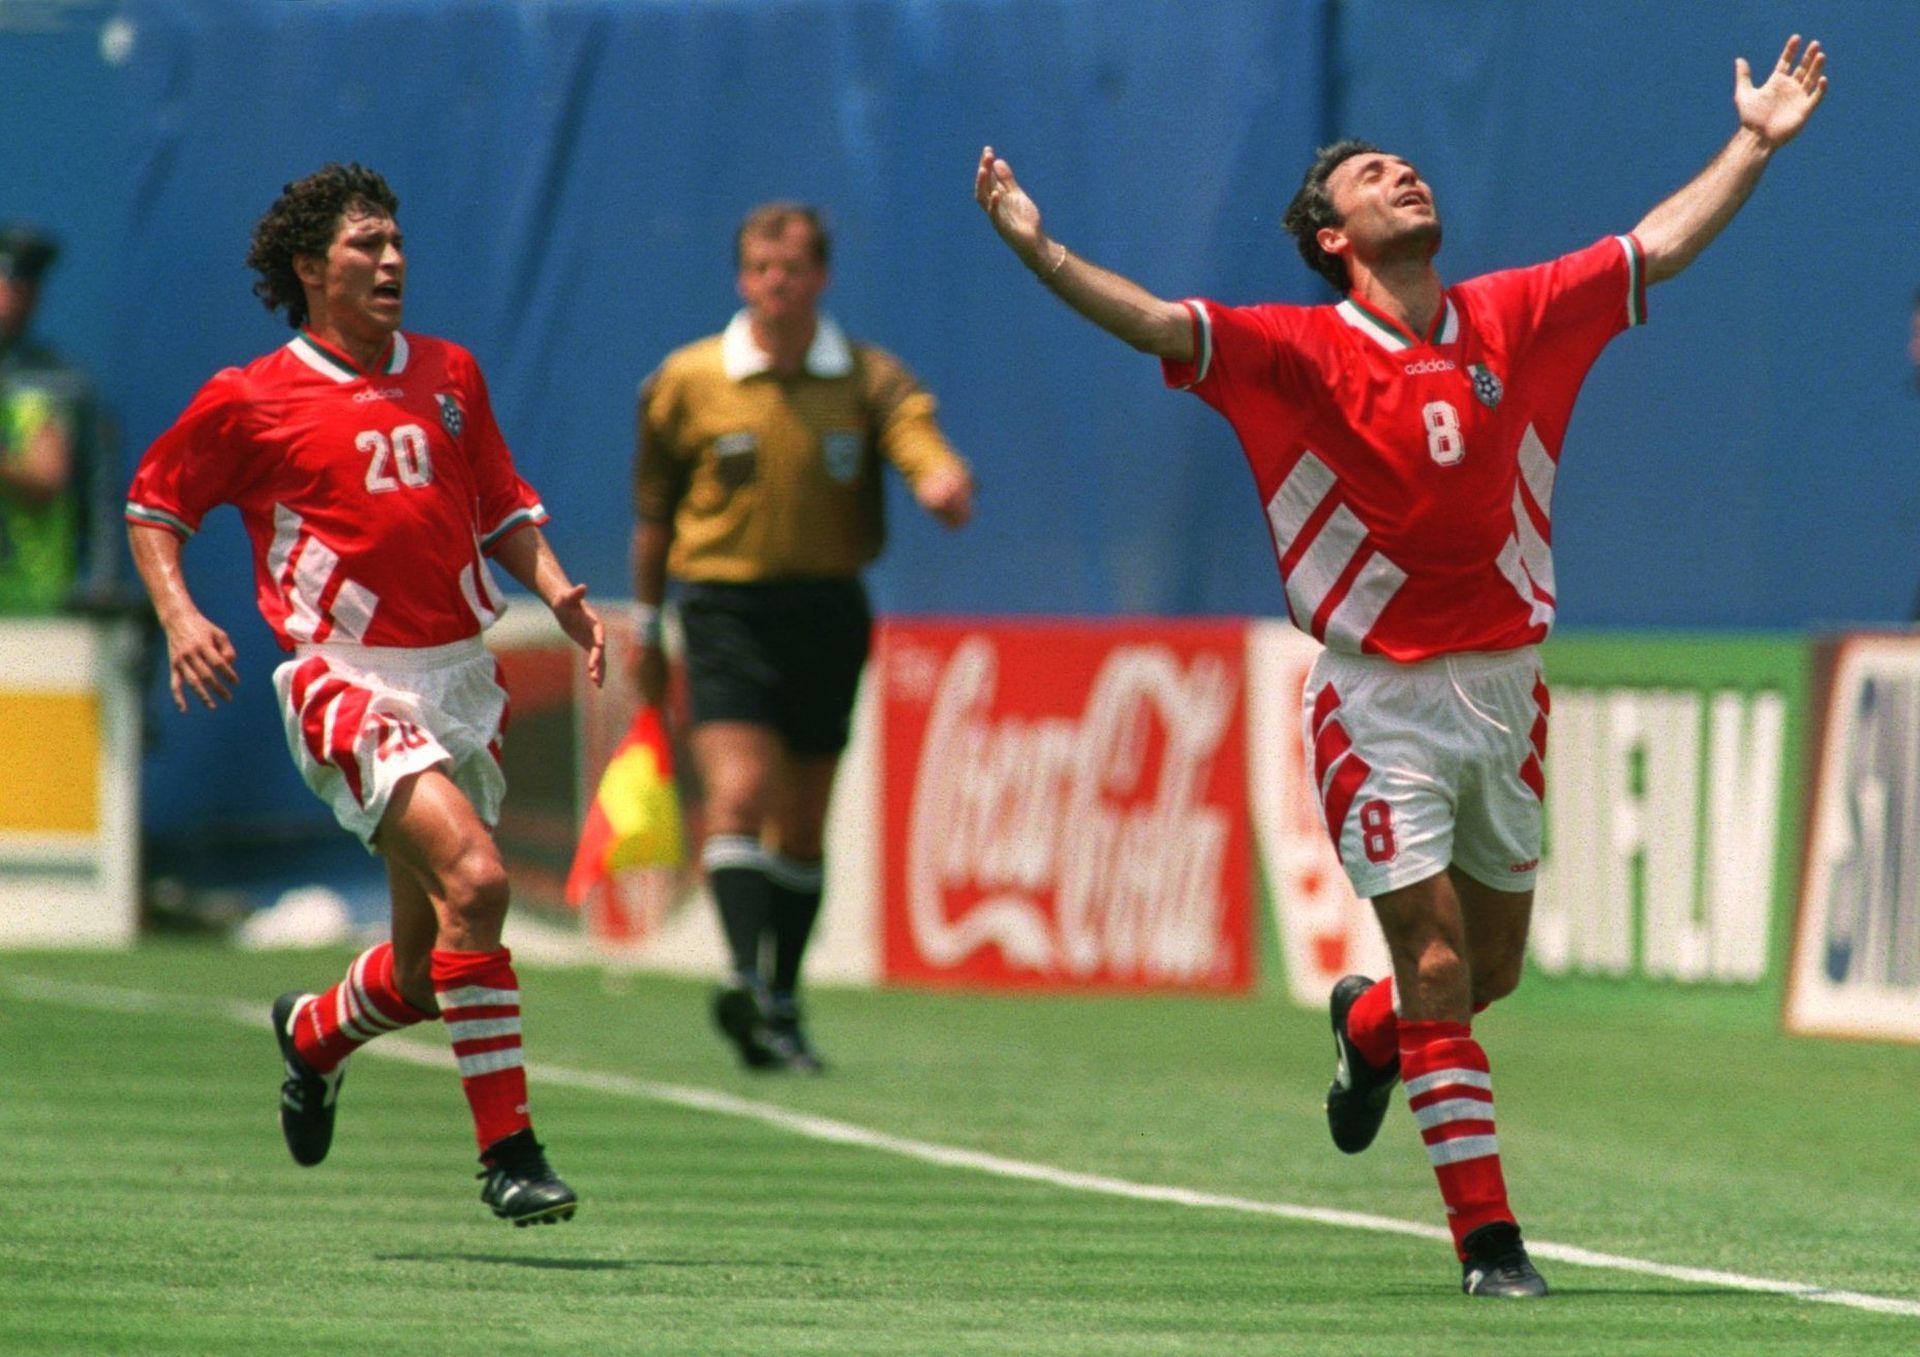 Кадър, който не може да бъде забравен - Христо Стоичков и Красимир Балъков след гола на Камата във вратата на Германия.